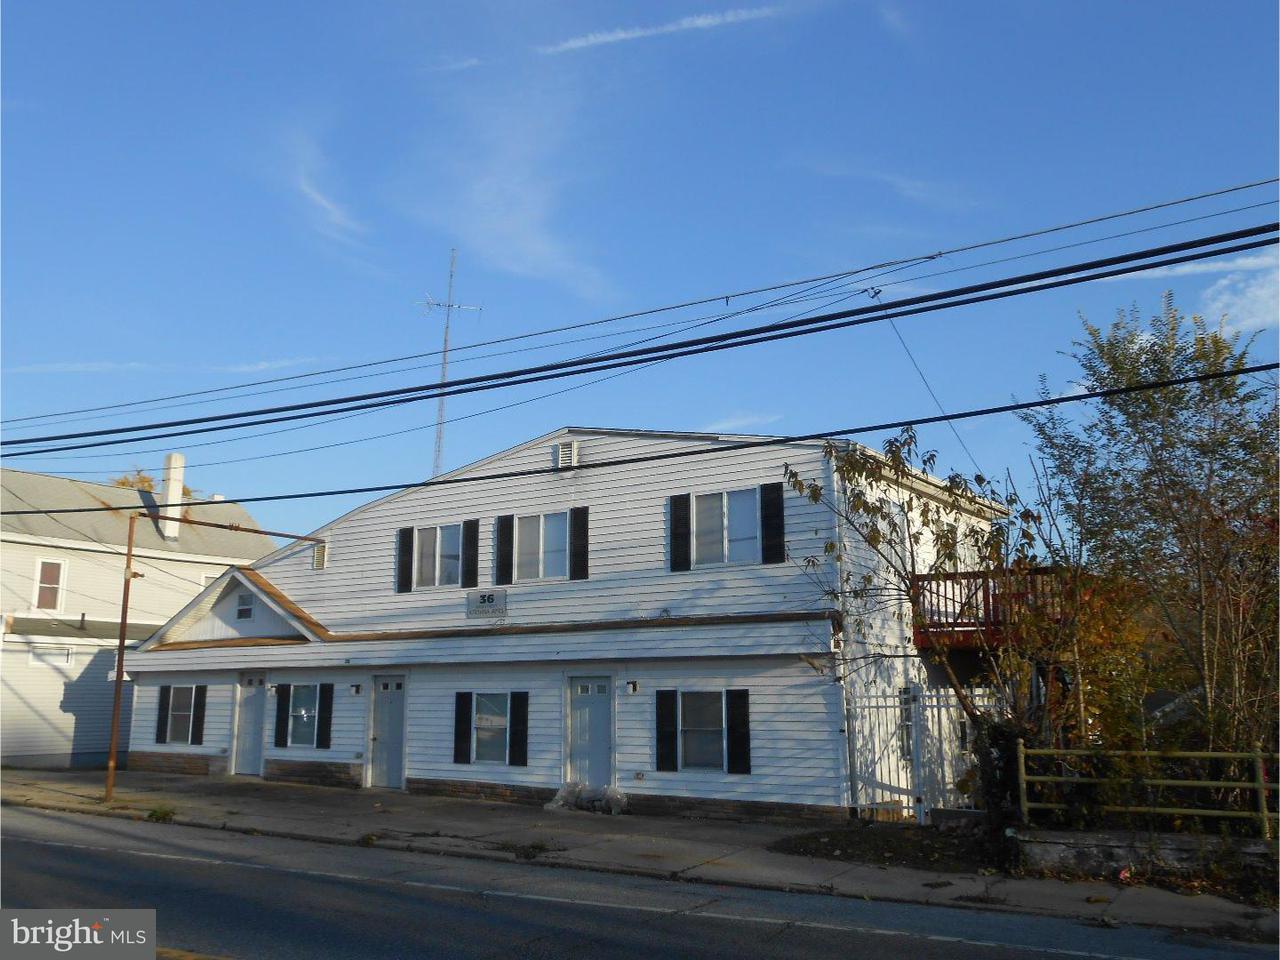 Частный односемейный дом для того Продажа на 36 MAIN Street Fairton, Нью-Джерси 08302 Соединенные Штаты